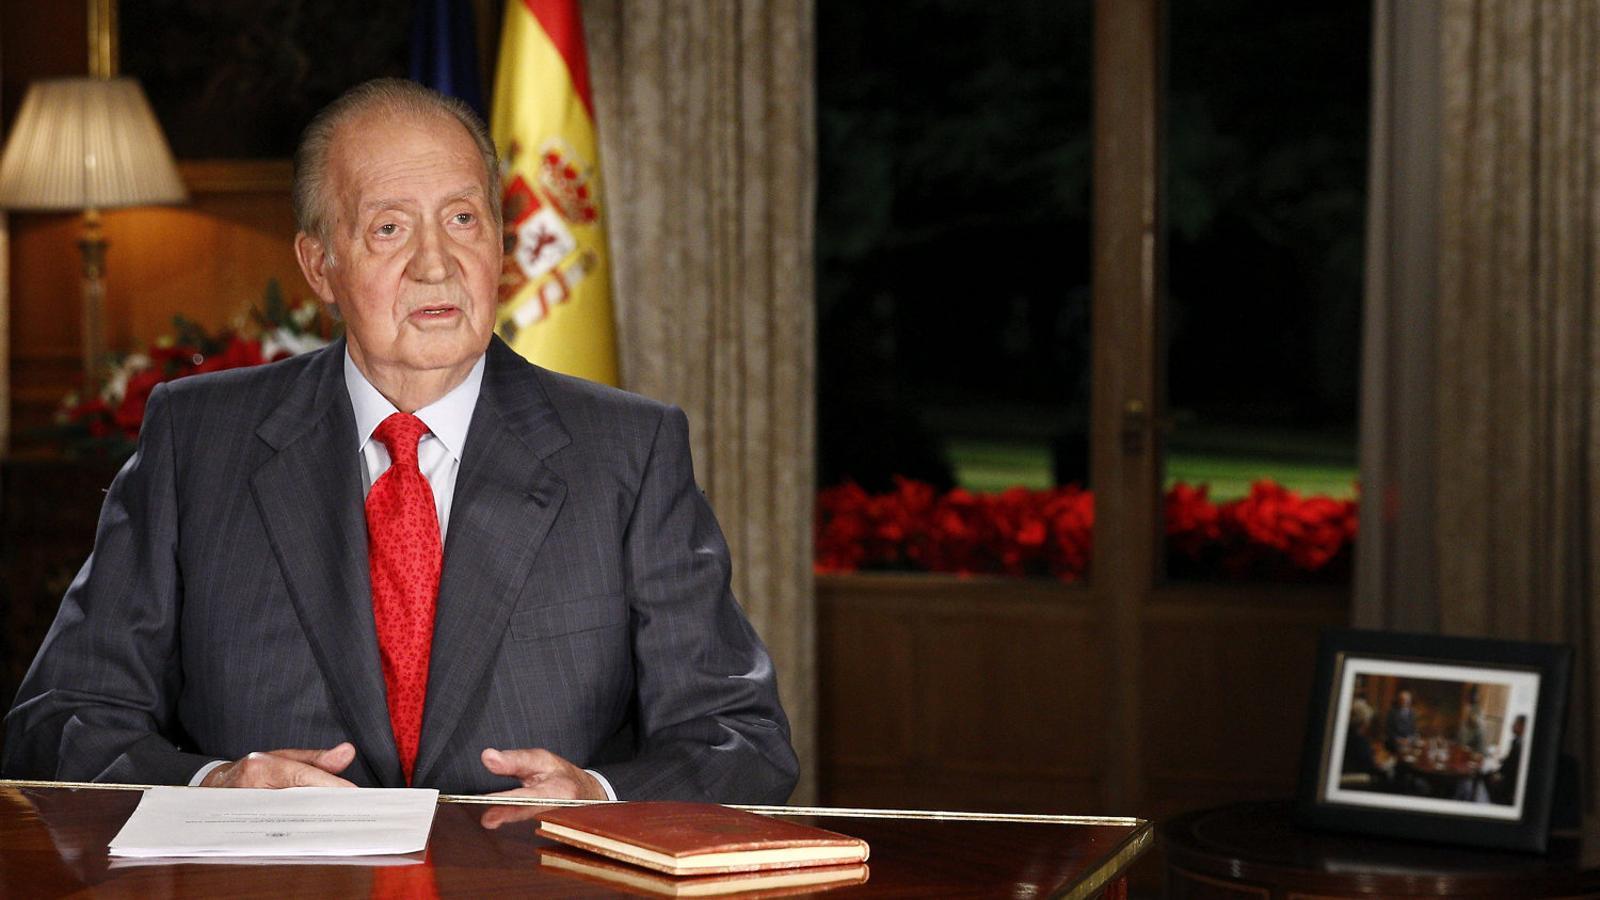 La figura de Joan Carles I ja només és tabú al Congrés